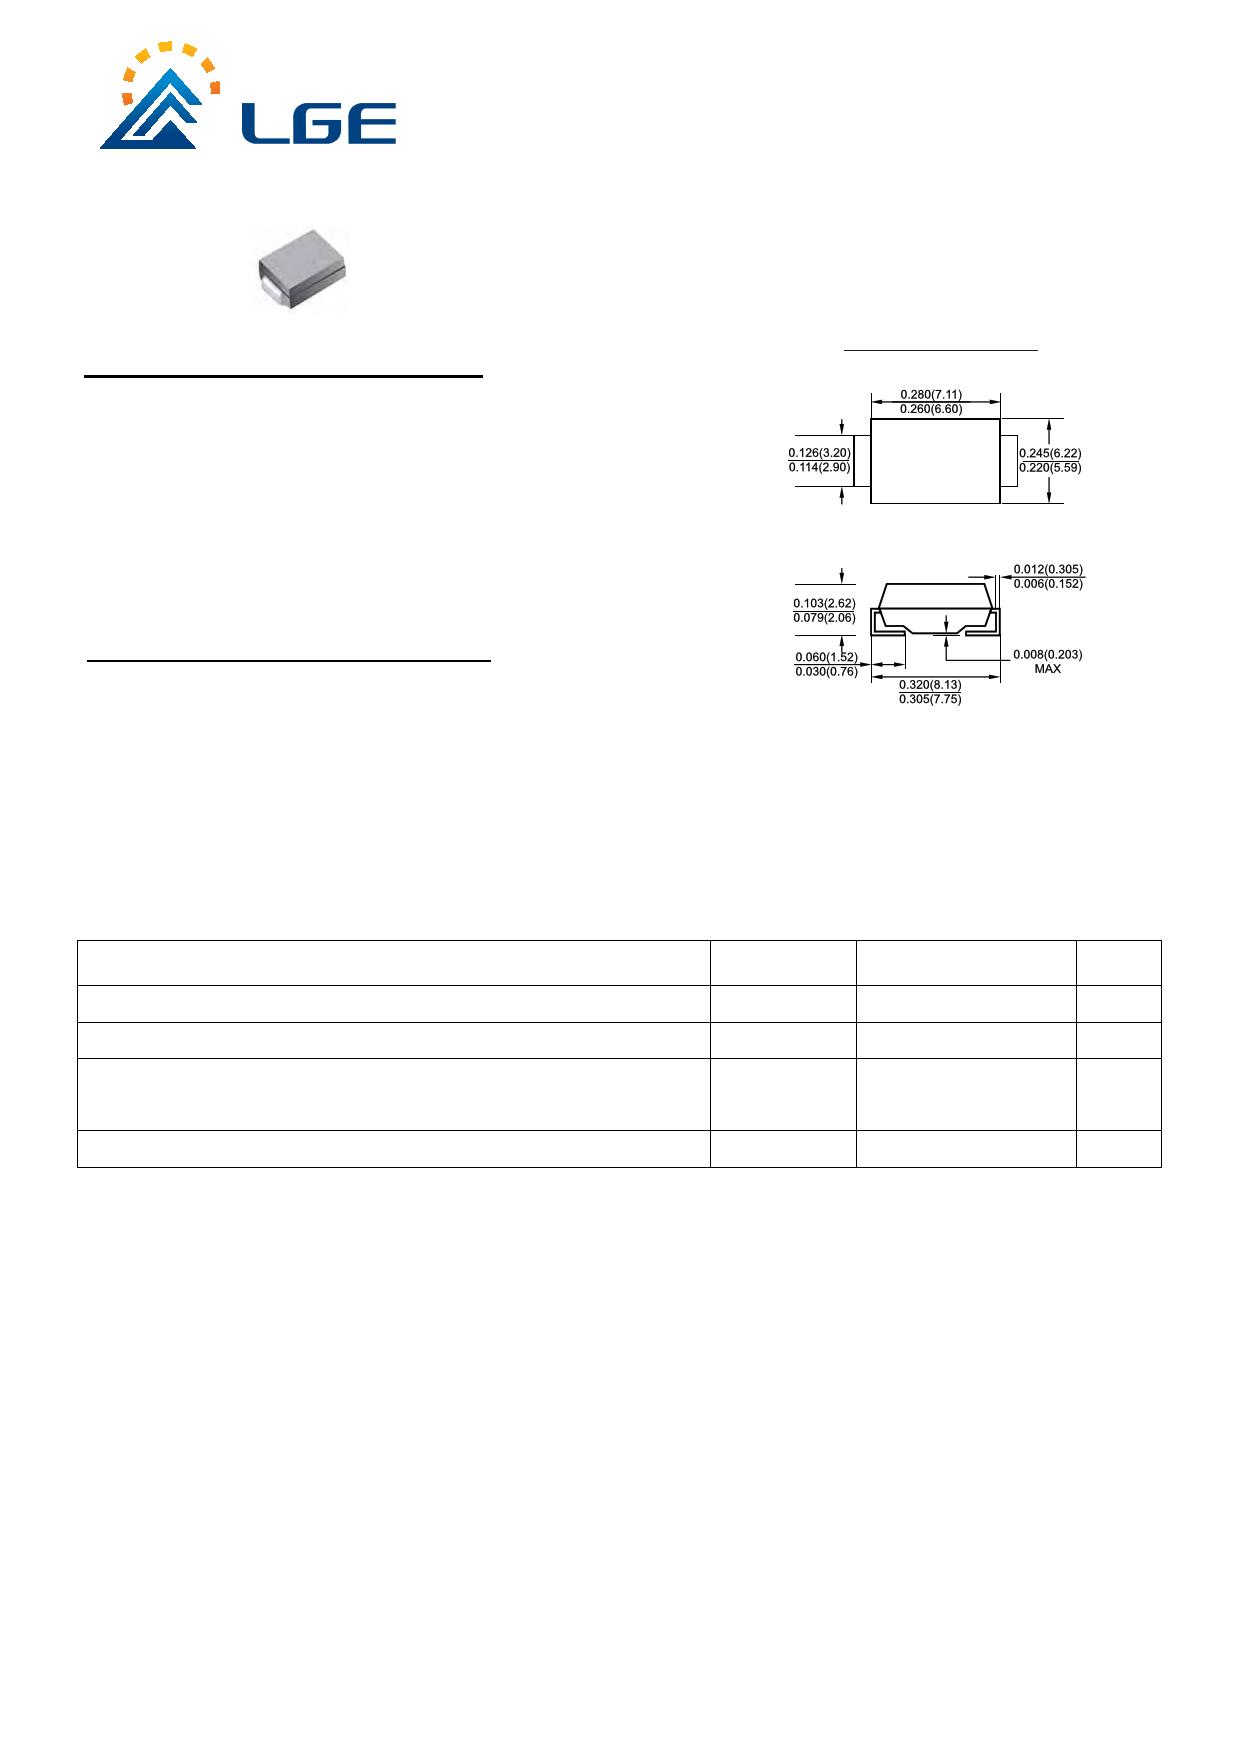 3.0SMCJ11C Datasheet, 3.0SMCJ11C PDF,ピン配置, 機能